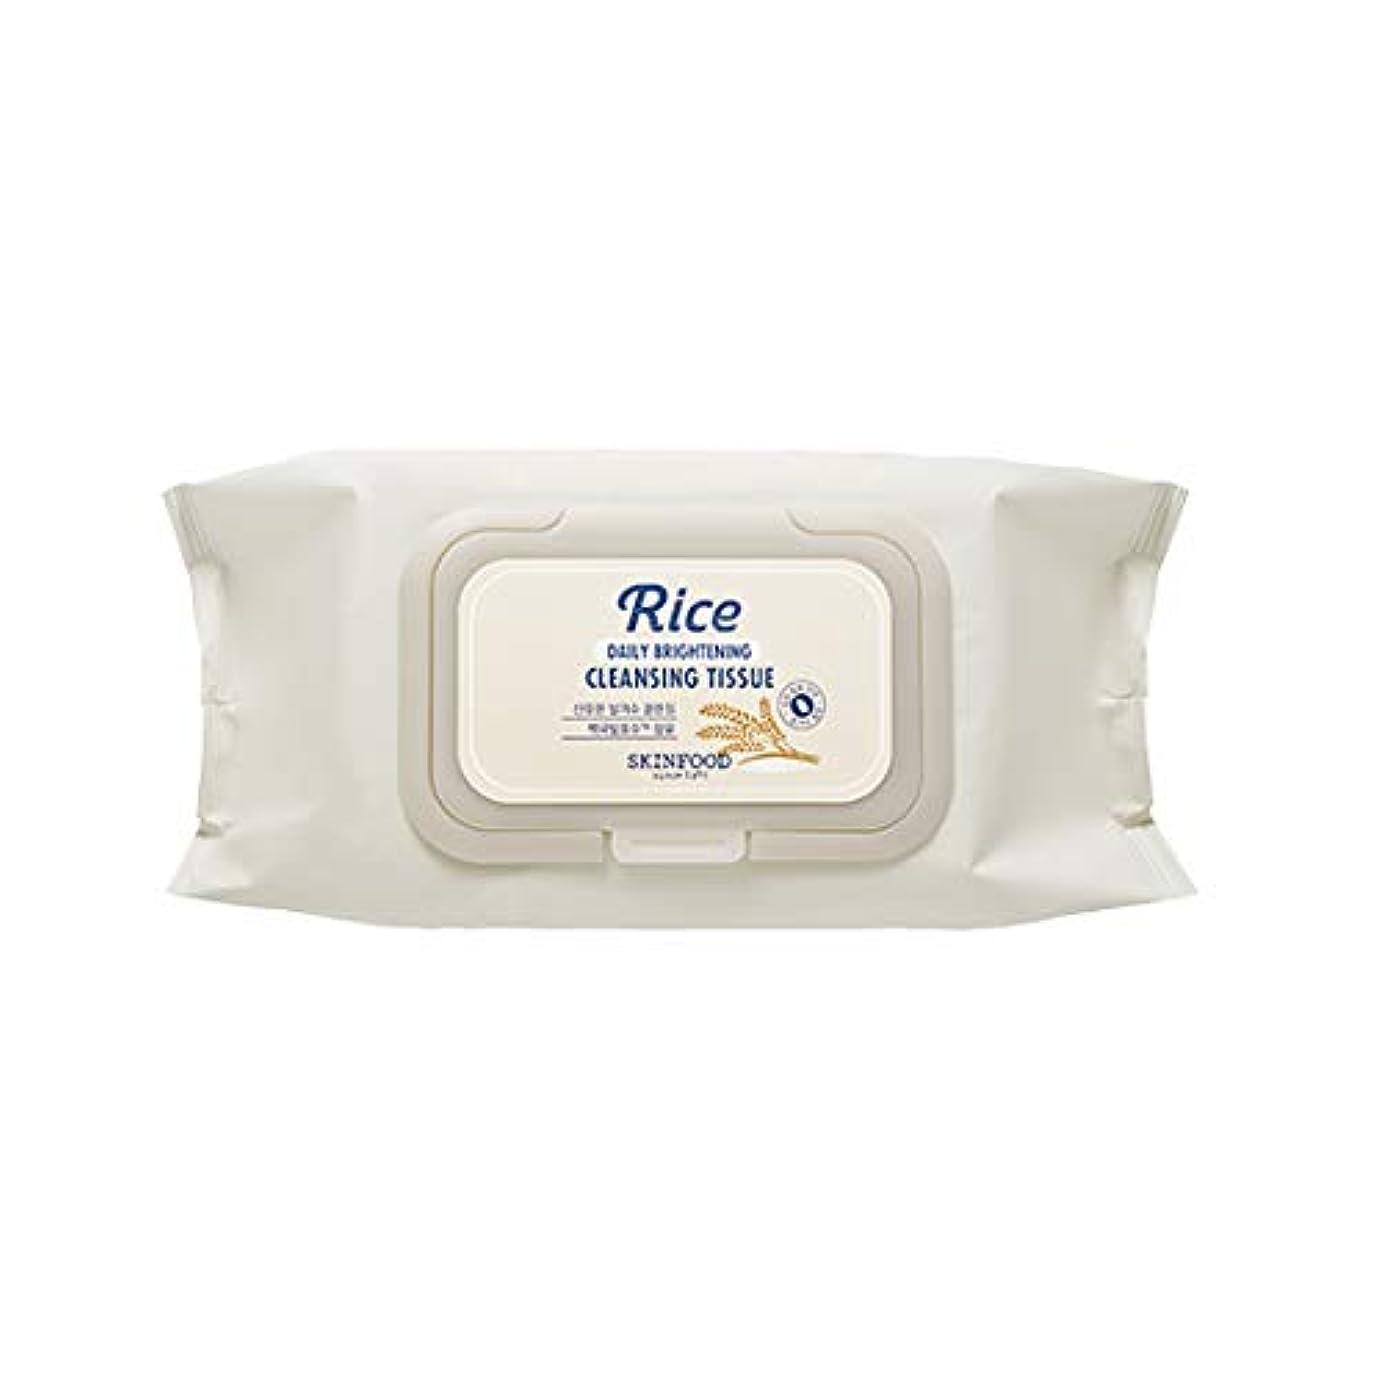 無一文興奮する有彩色のSkinfood/Rice Daily Brightening Cleansing Tissue/ライスデイリーブライトニングクレンジングティッシュ/380ml [並行輸入品]